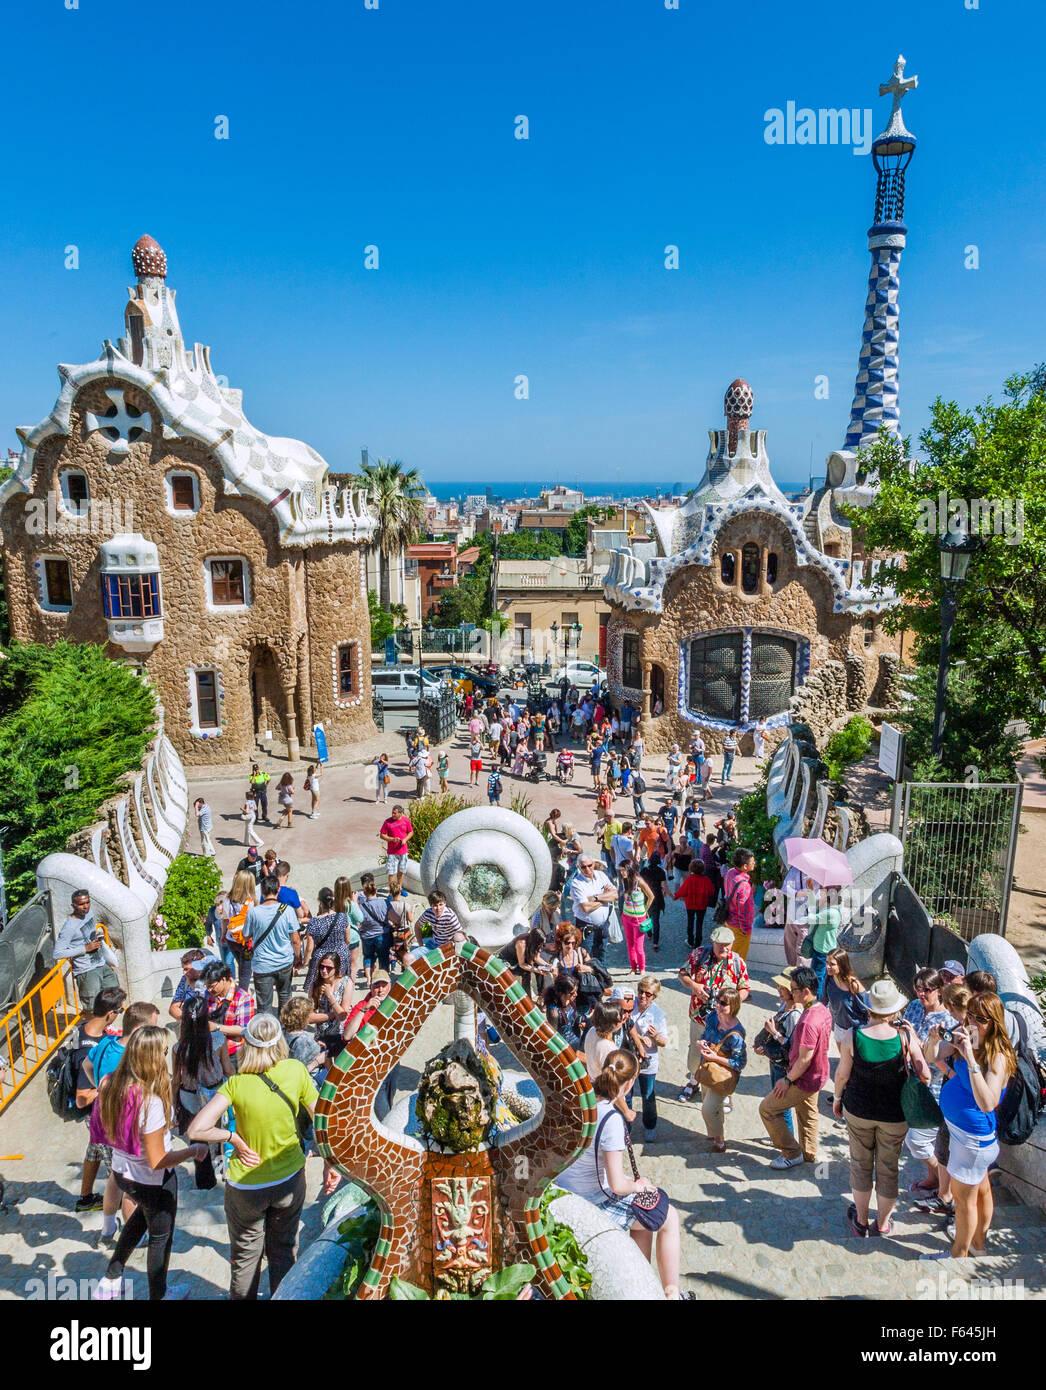 Espagne, Catalogne, Barcelone, quartier de Gracia, le Parc Güell, le dragon fontaine à l'entrée Photo Stock